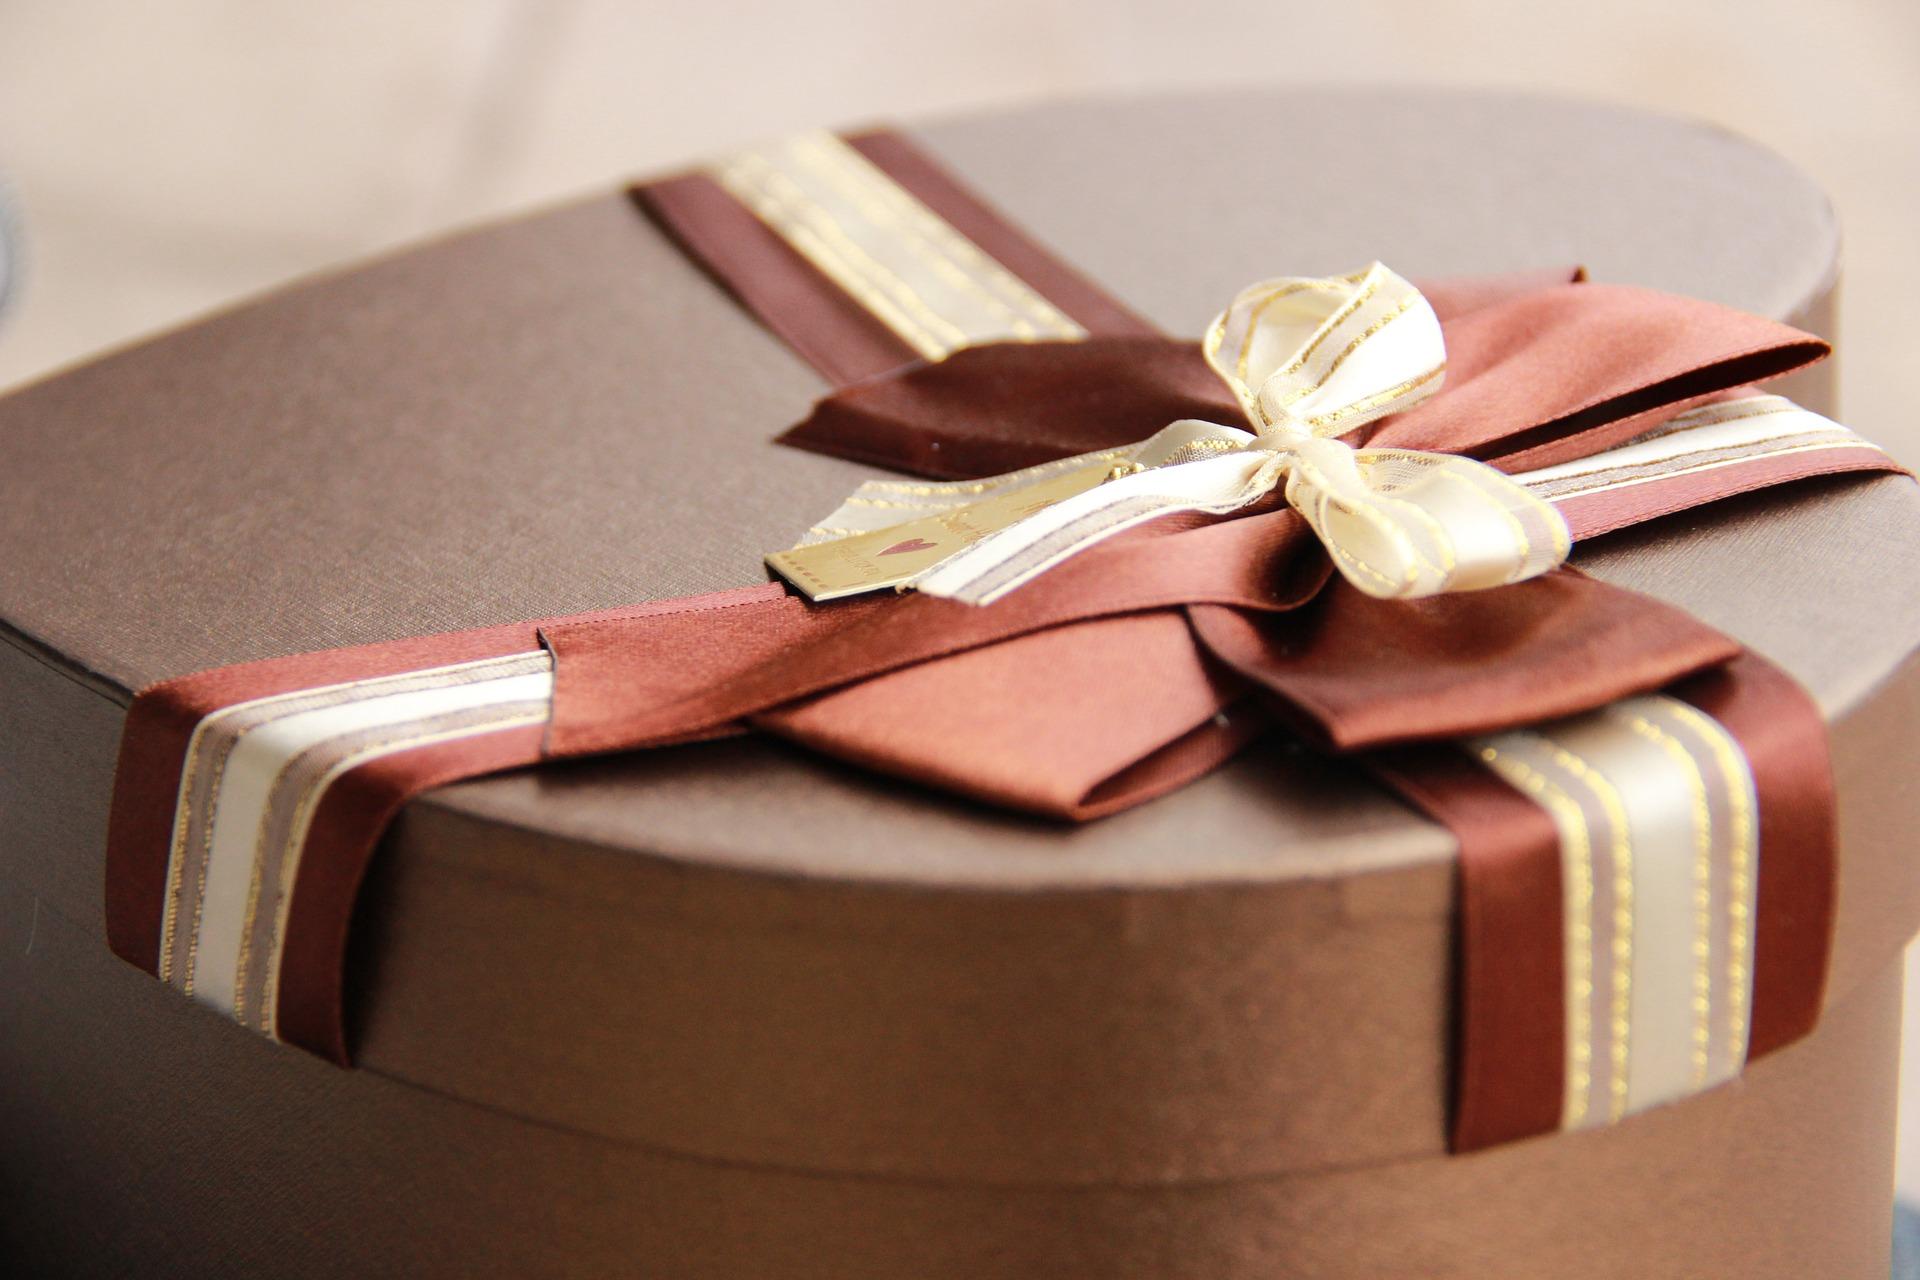 bons plans cadeaux originaux